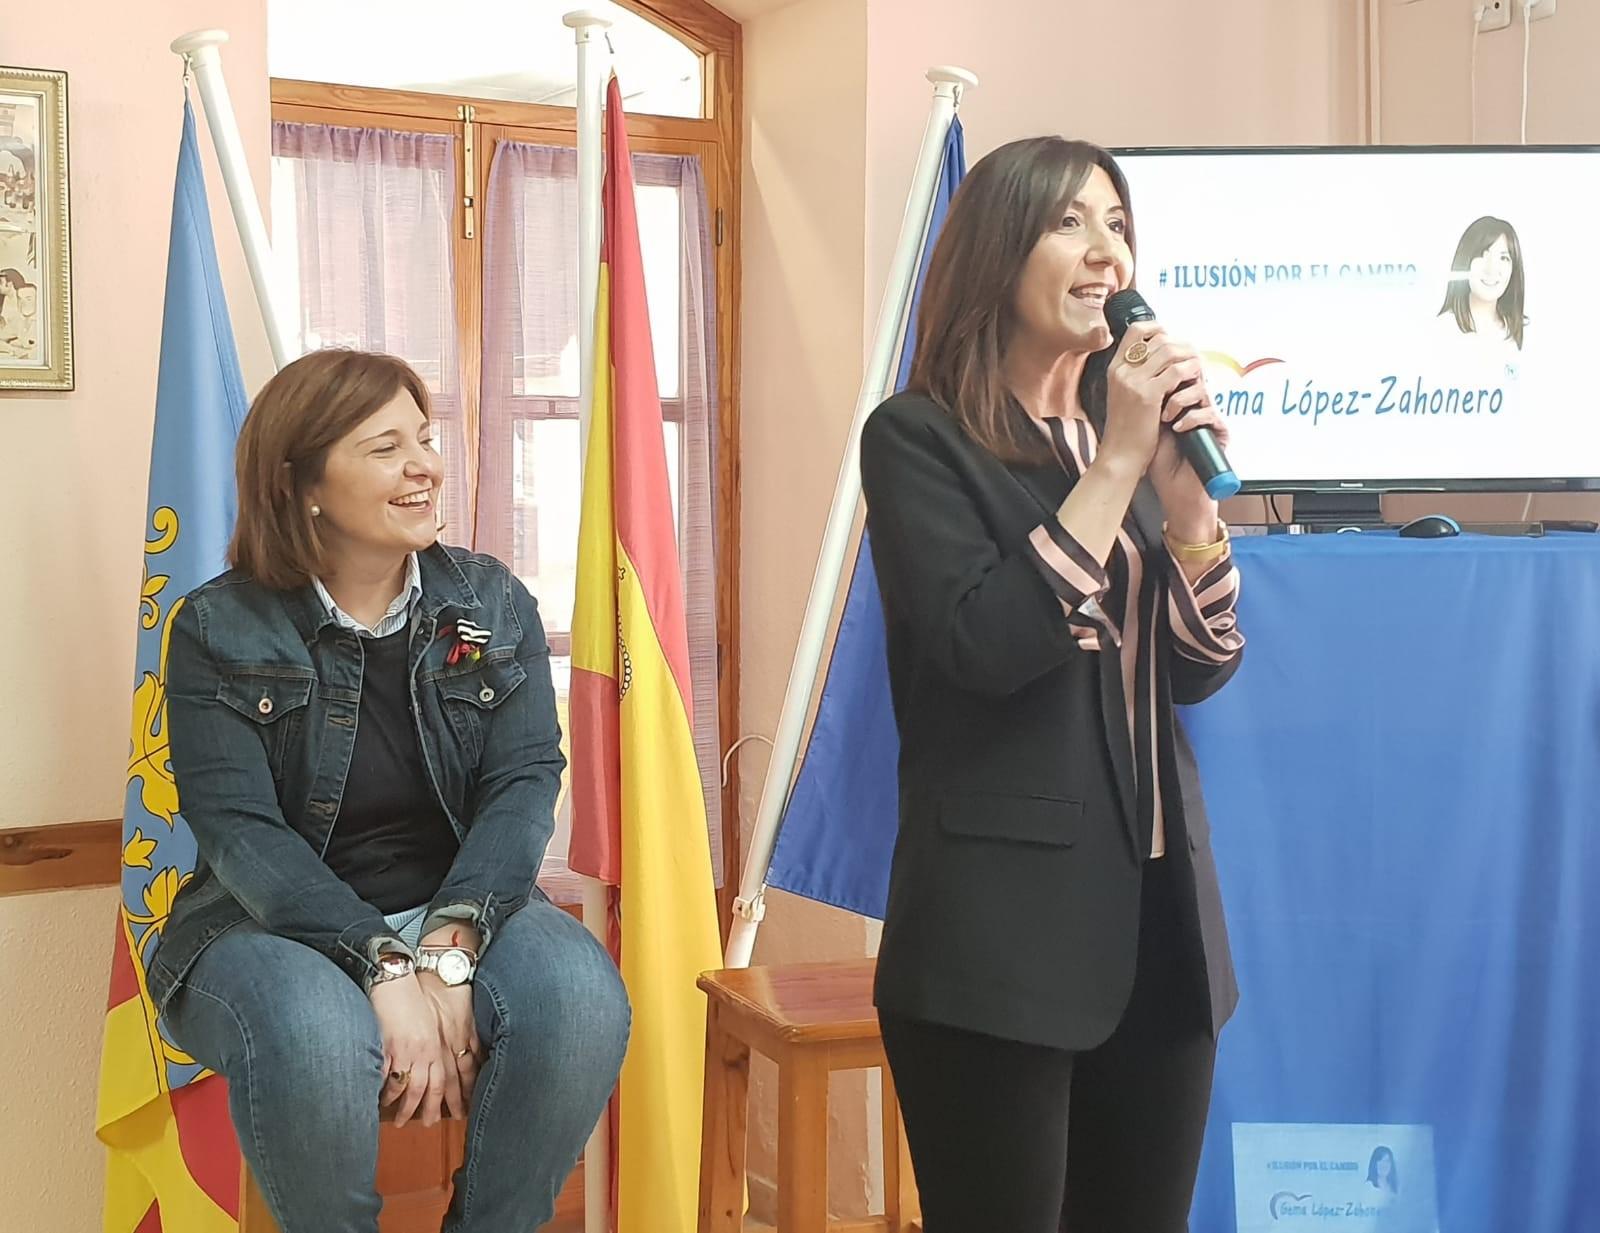 Isabel Bonig en el acto de presentación de la candidata del PP en Siete Aguas, Gema López Zahonero.